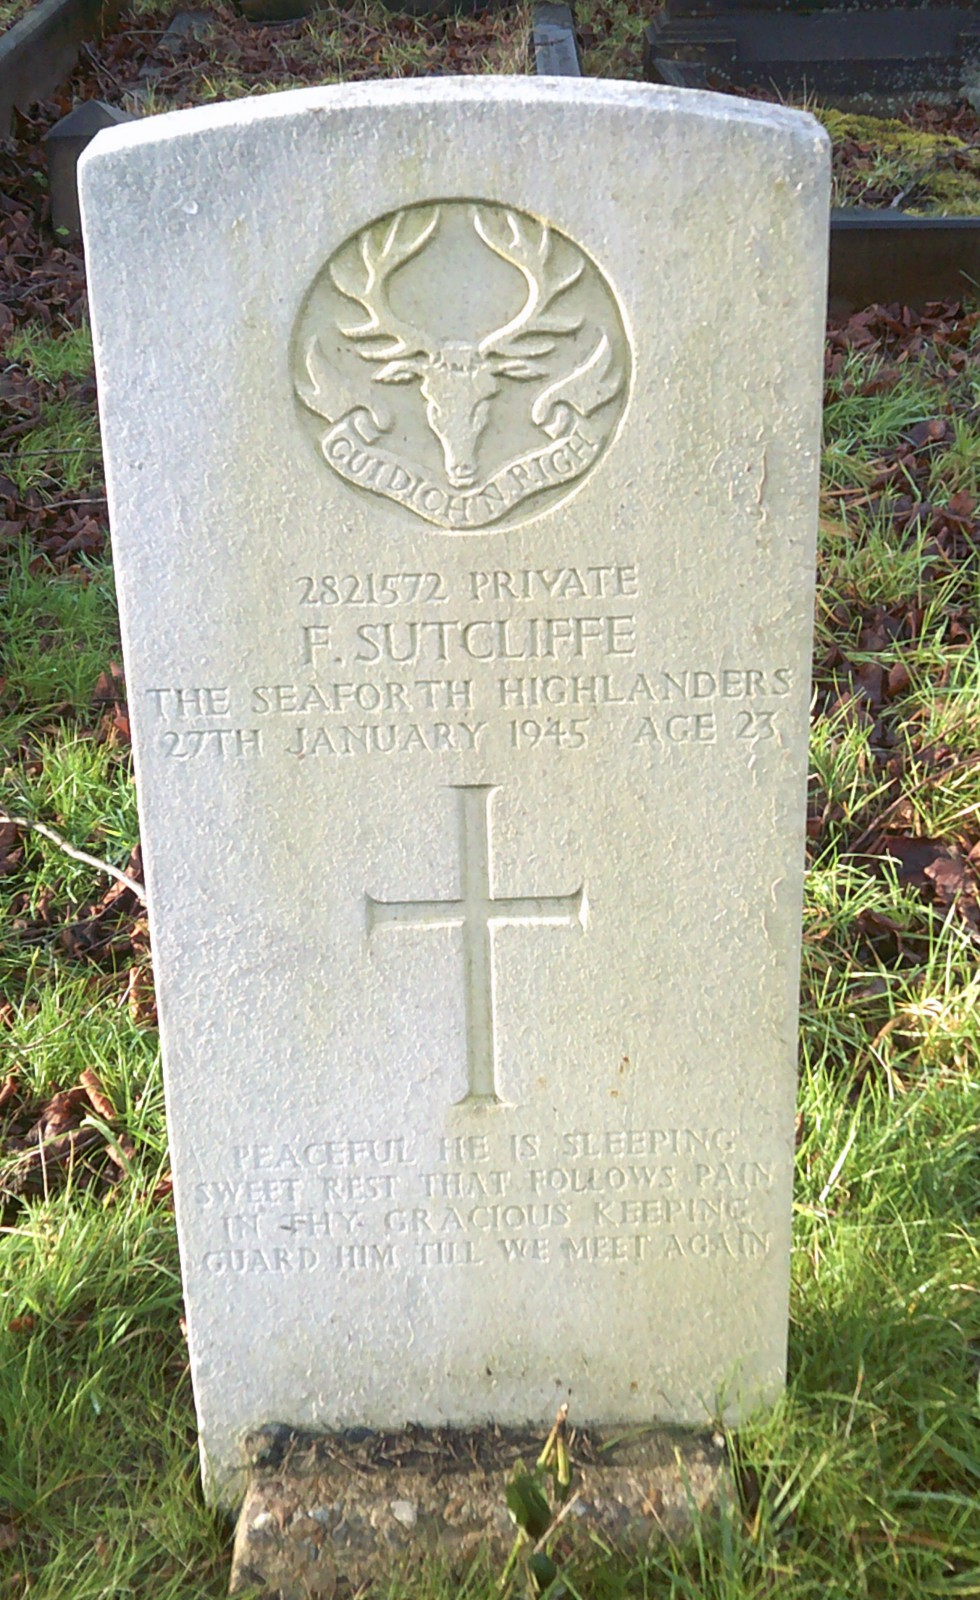 Fred Sutcliffe